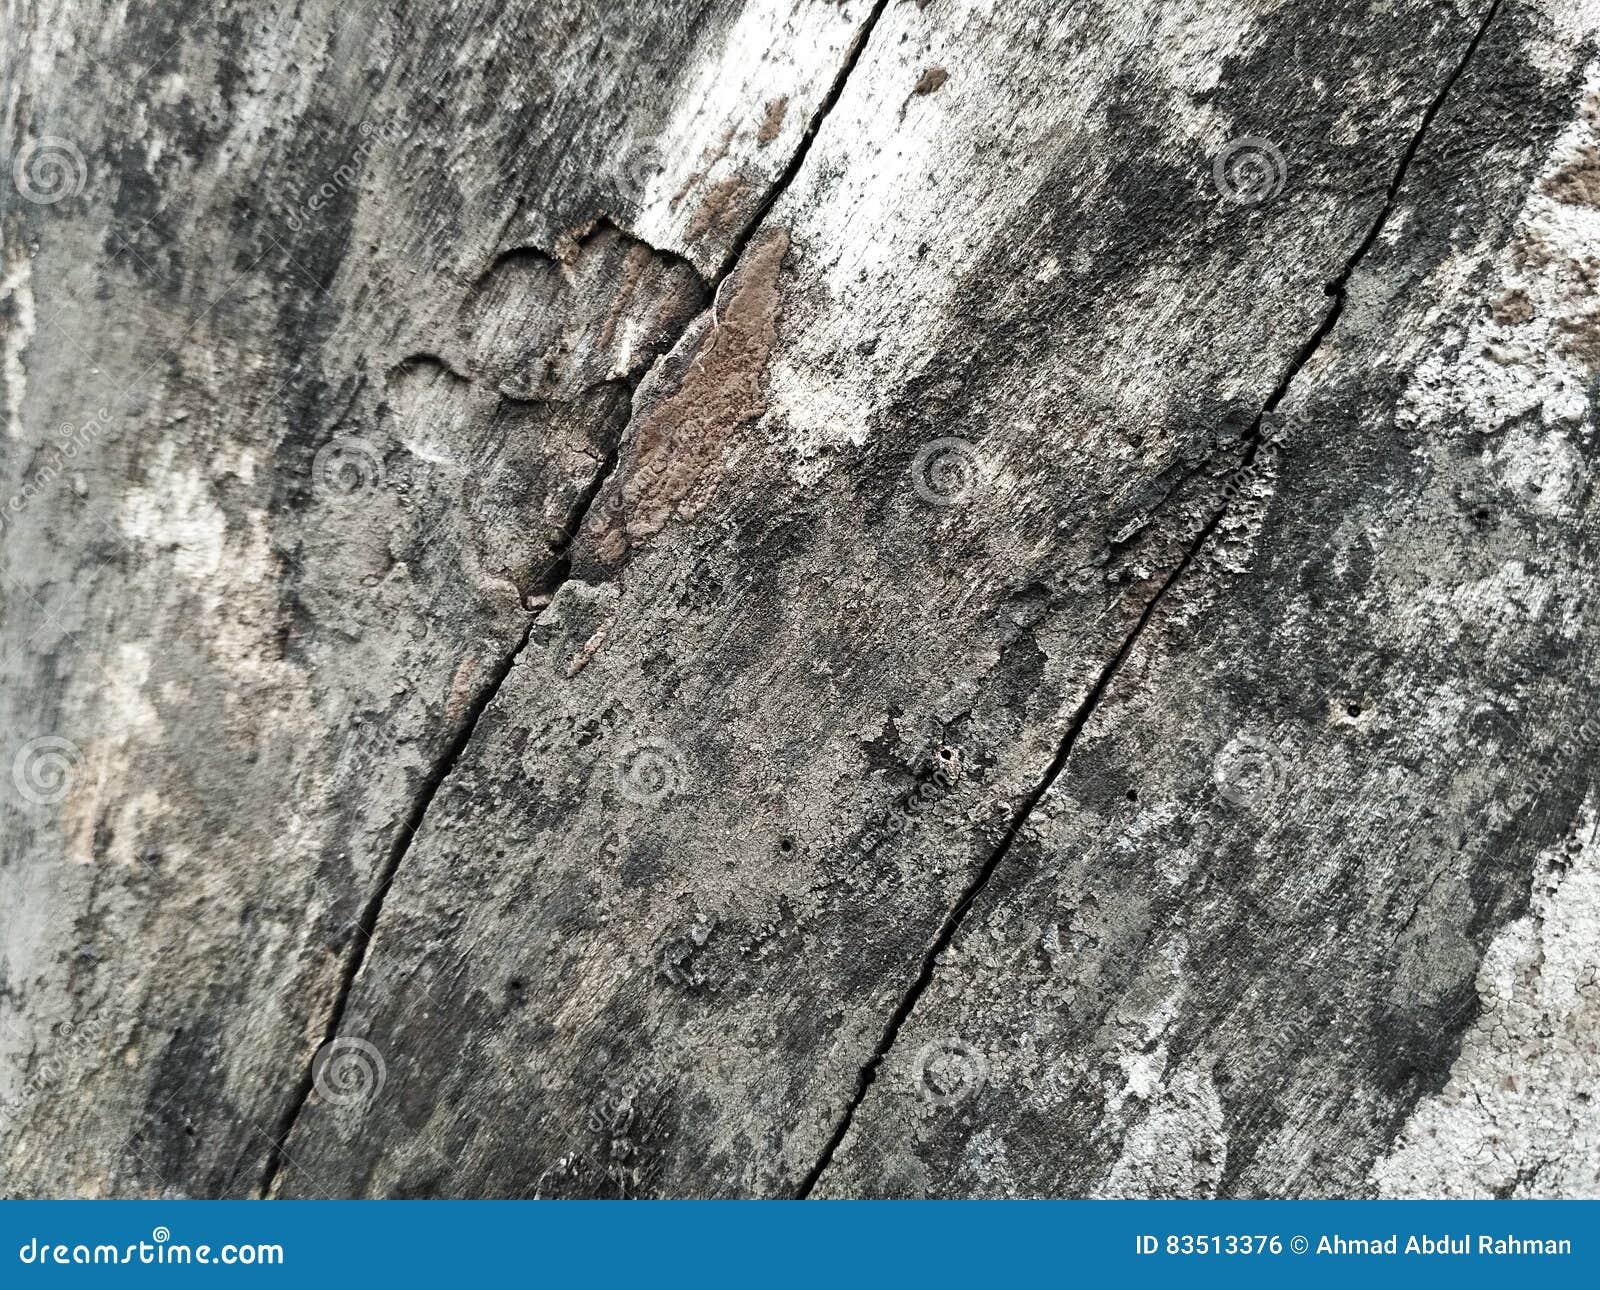 brittle wood